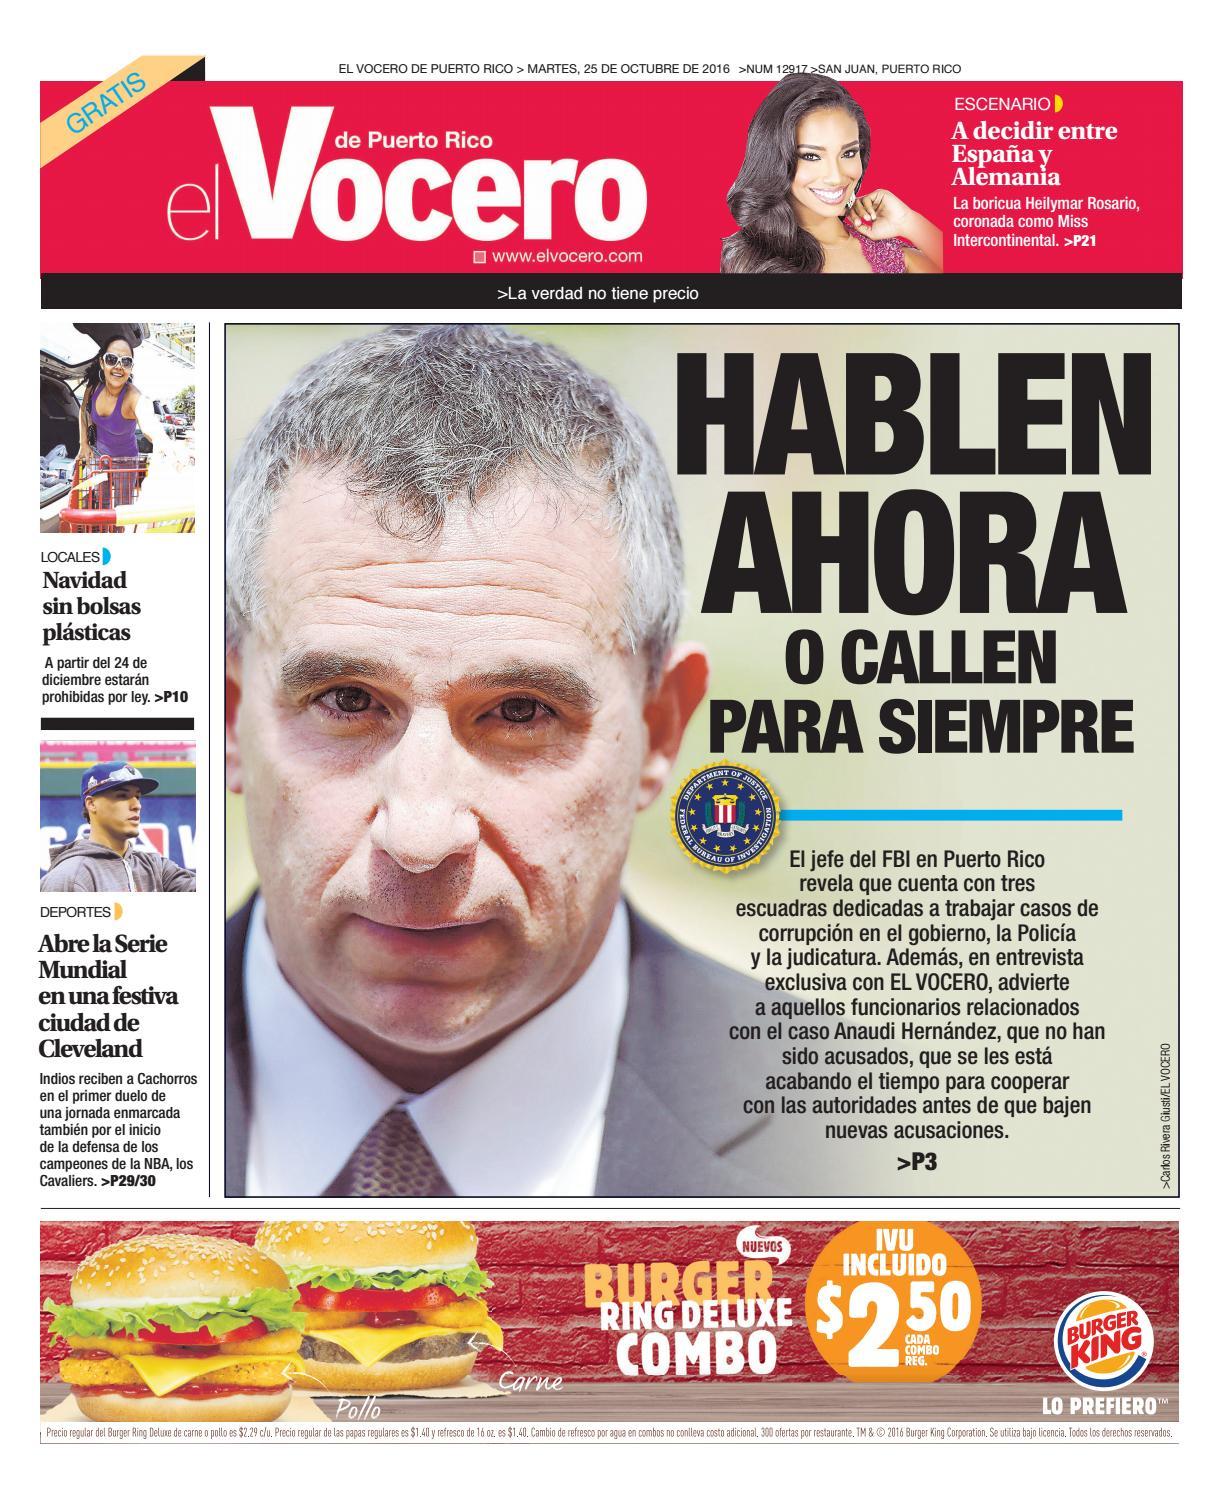 0eec0fe975ee9 Edición 25 de Octubre 2016 by El Vocero de Puerto Rico - issuu